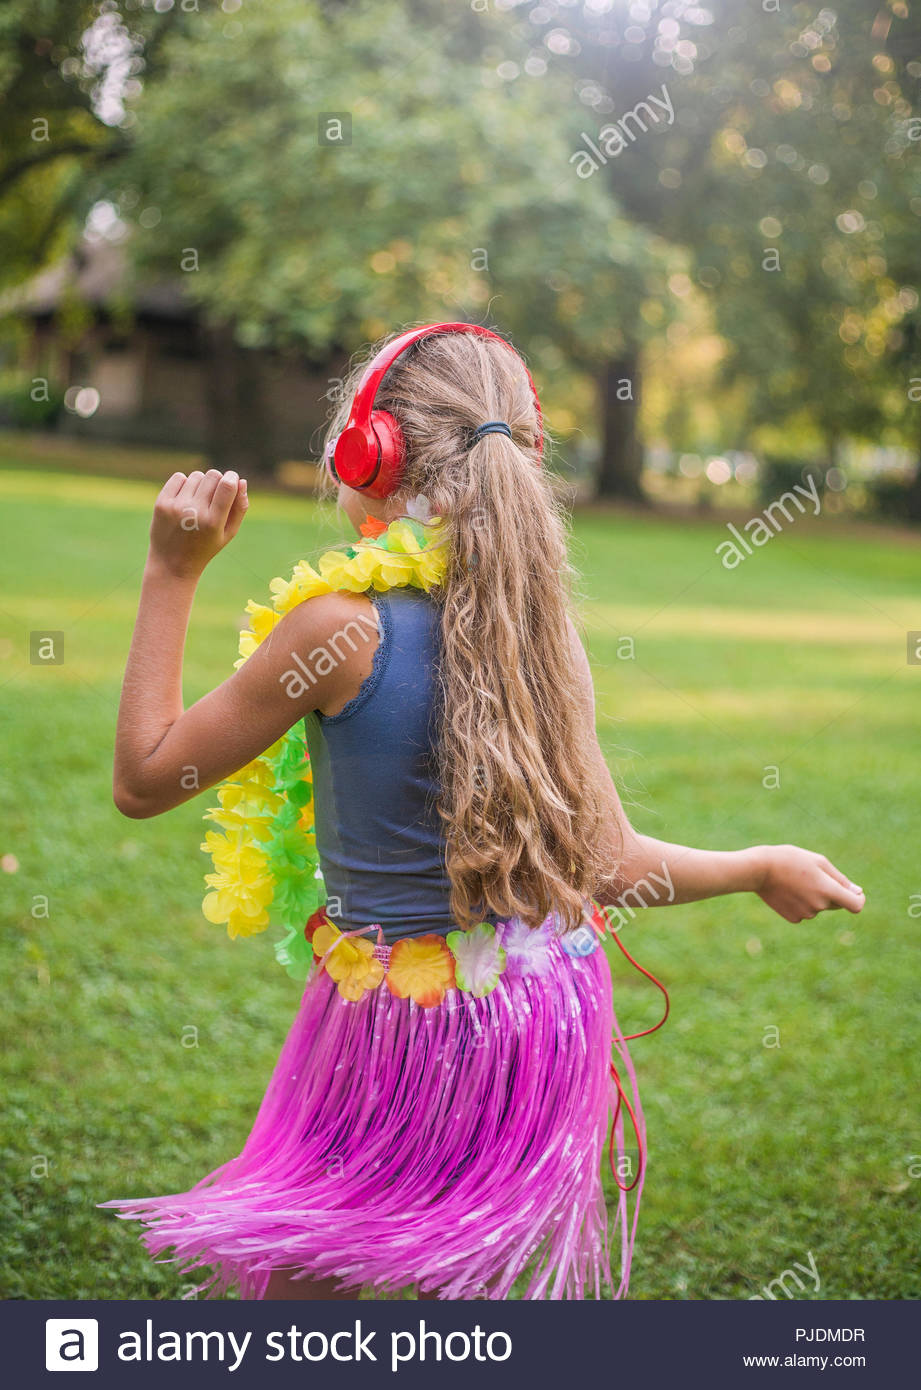 Girl hula dancing in park - Stock Image